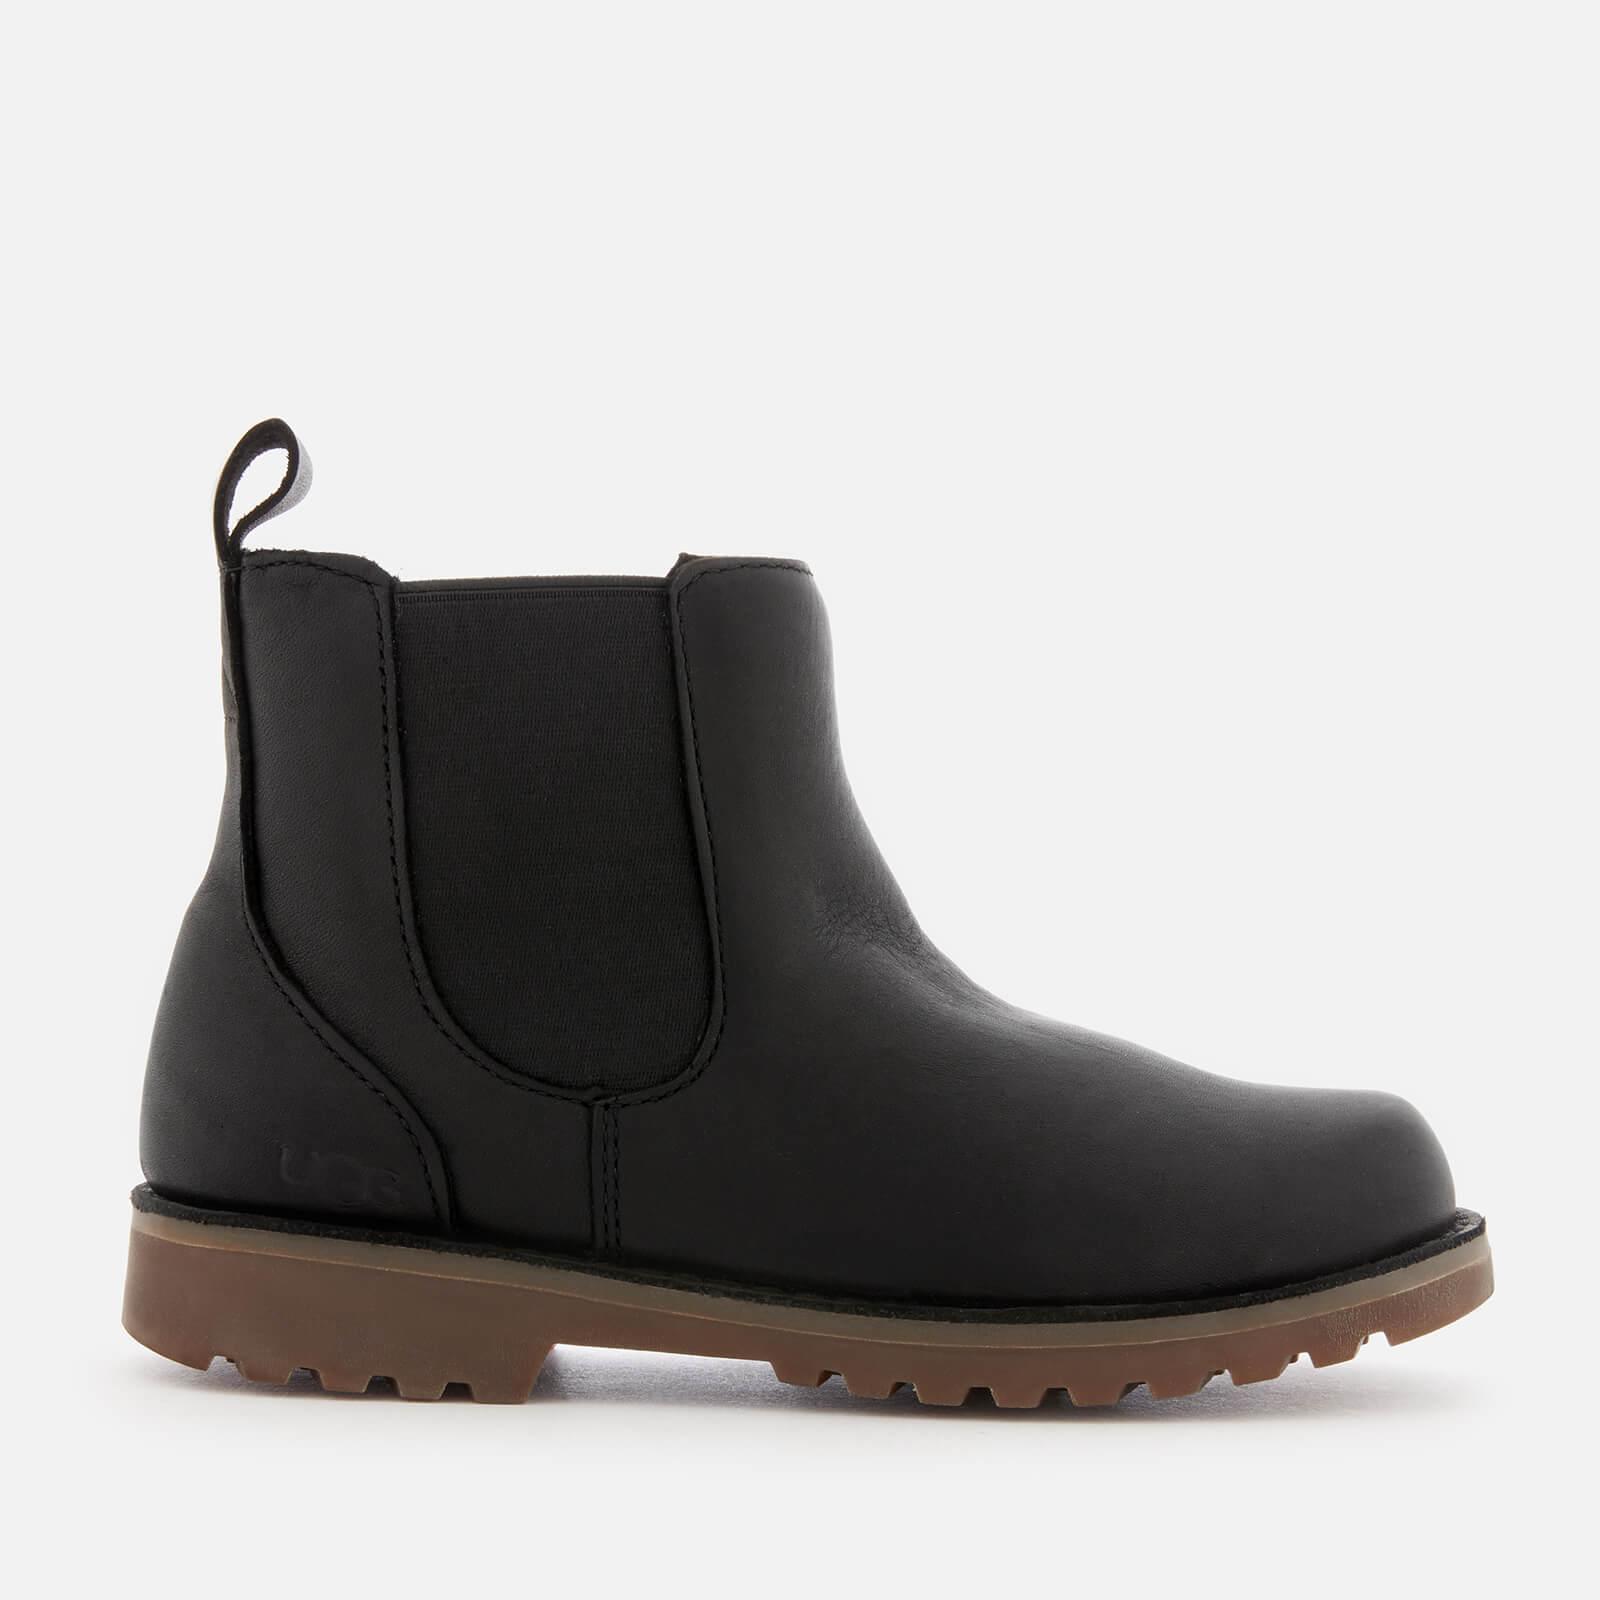 6ec90861dca UGG Kid's Callum Water Resistant Chelsea Boots - Black